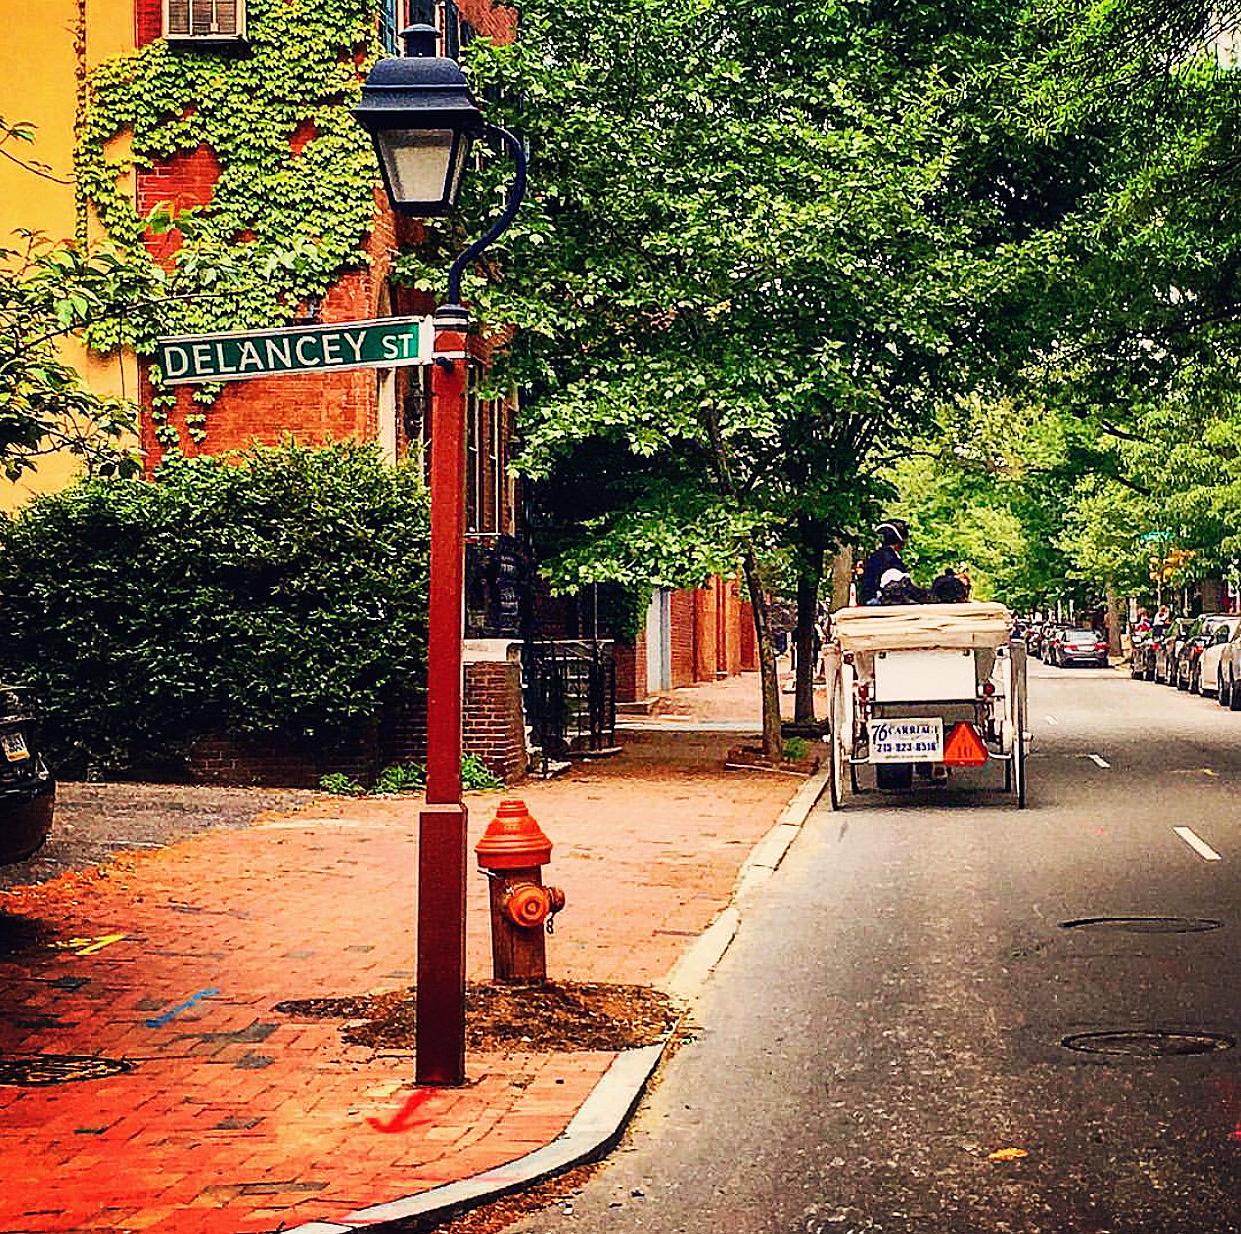 Society_Hill_Delancey_Street_Philadelphia